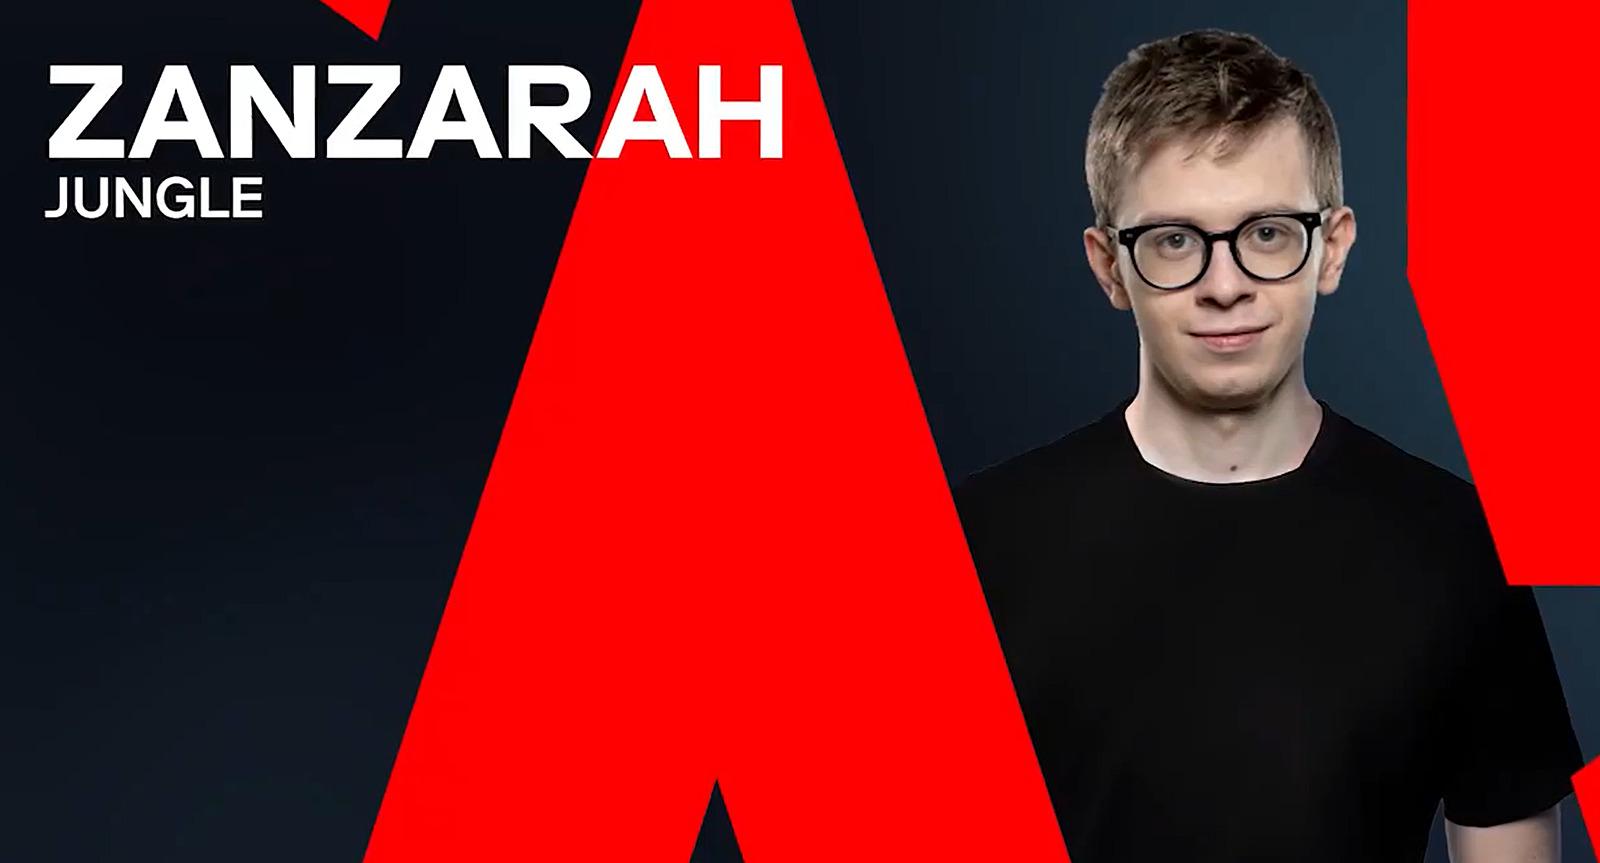 Наши в киберспорте. Zanzarah — первый россиянин в Astralis и лиге LEC по League of Legends